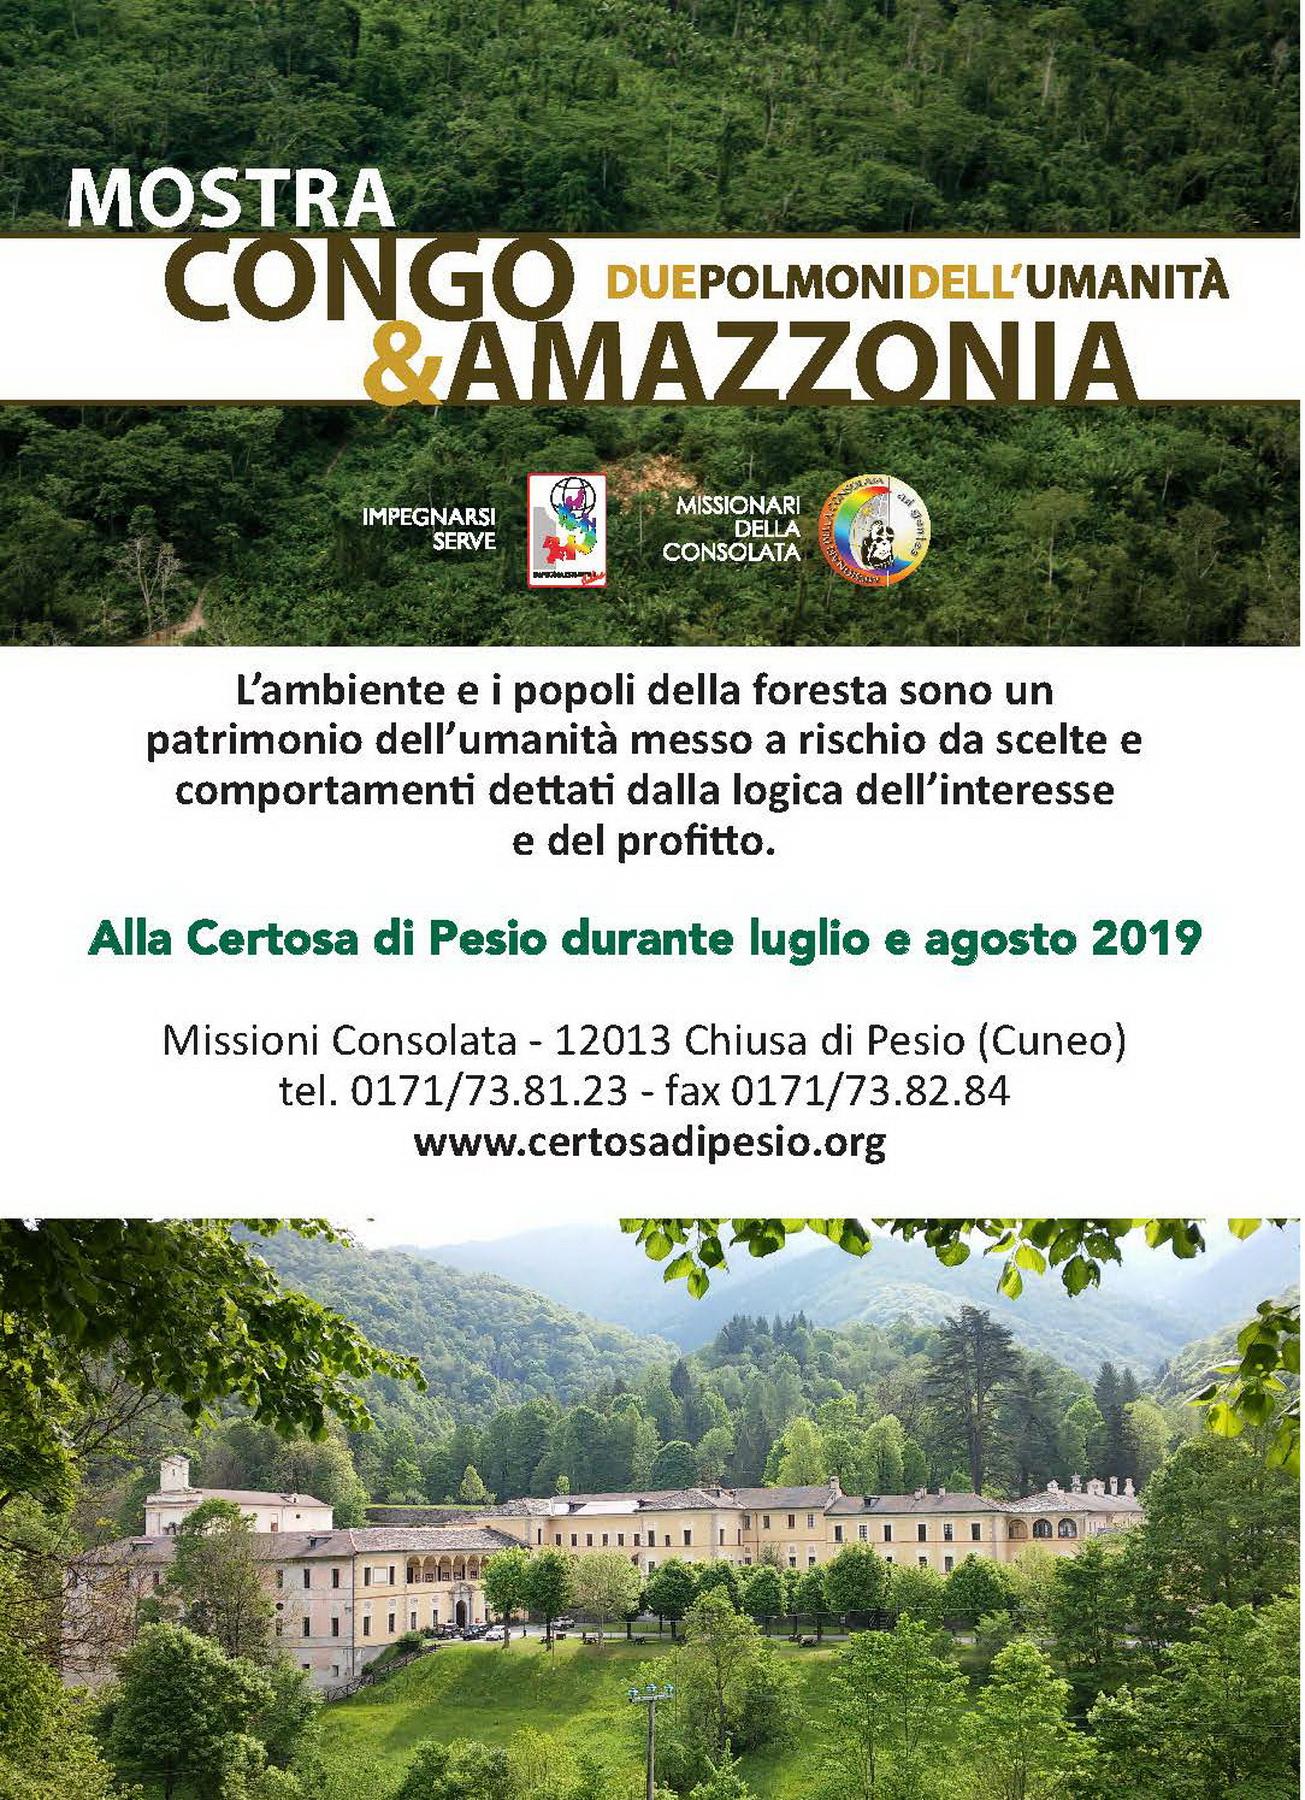 Una mostra da non perdere per prepararsi al Sinodo speciale sull'Amazzonia